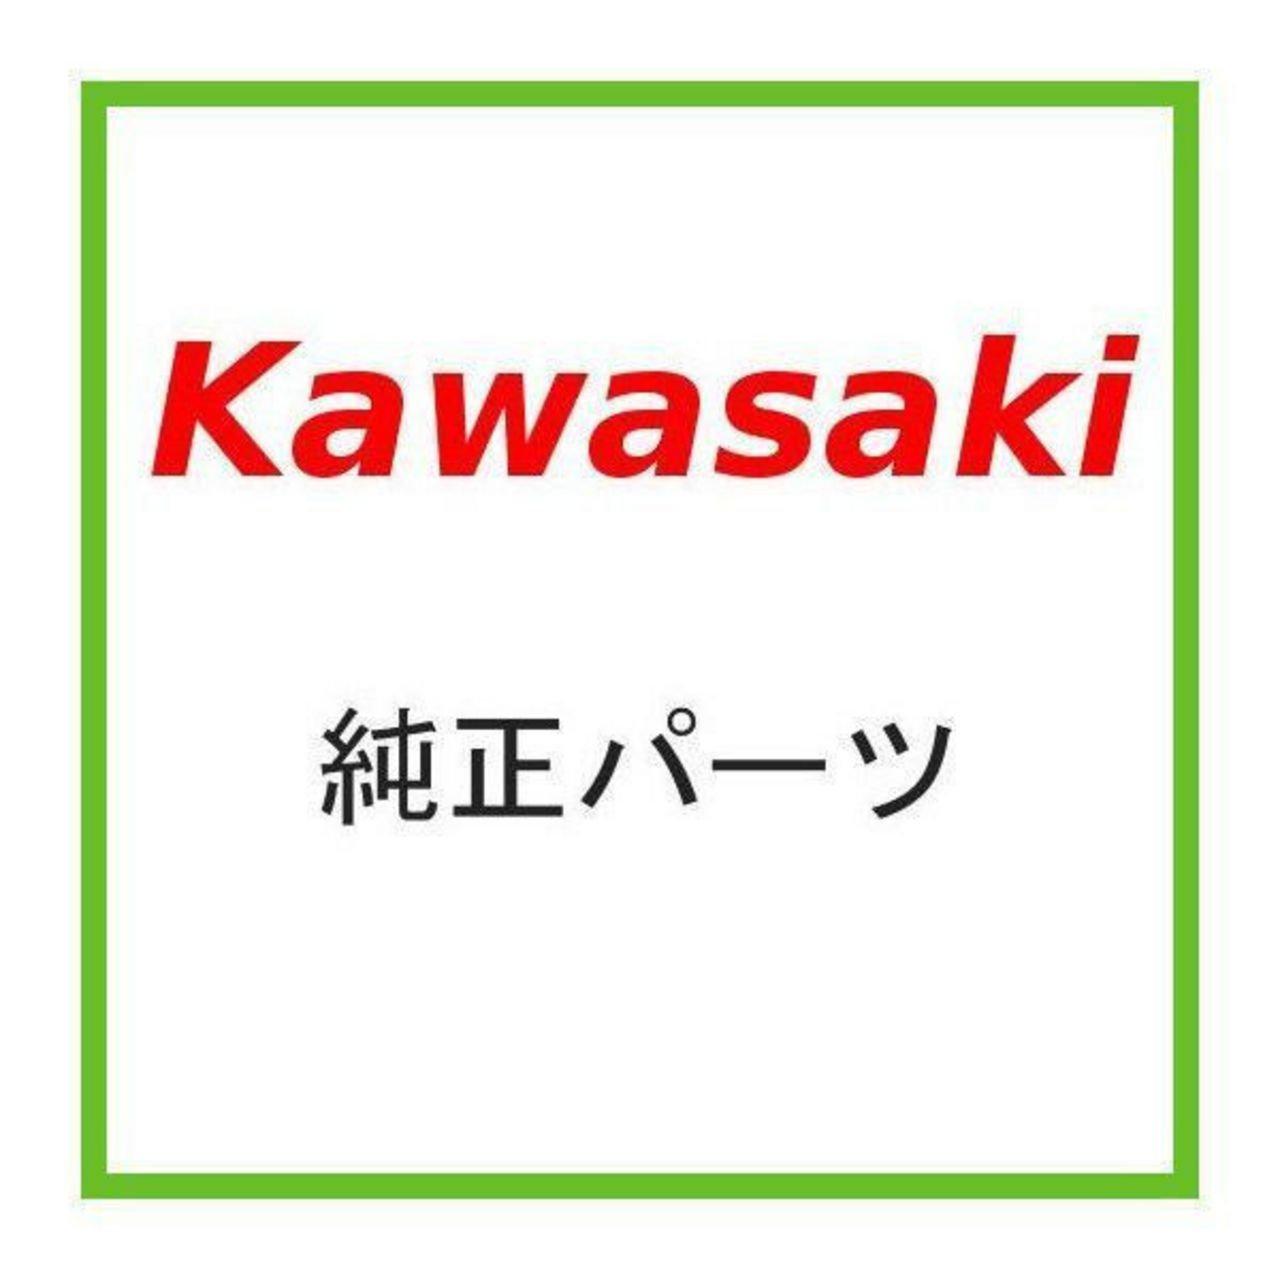 KAWASAKI (カワサキ) 純正部品(OEM) カウリング.サイド.RH.ブラツク 55028-0387-660 B00ZZXV9V6 ブラツク|55028-0387-660 ブラツク